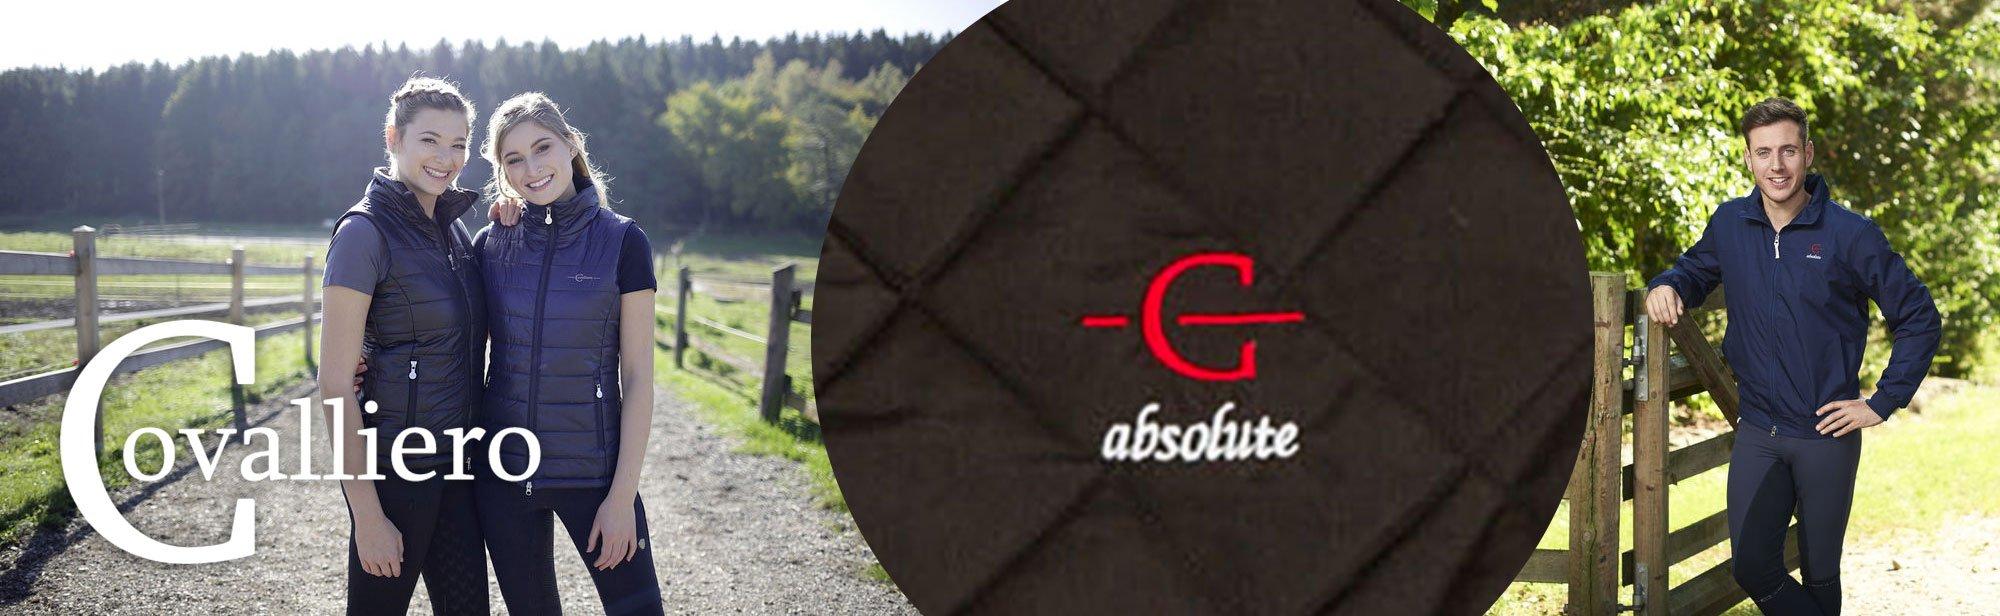 Covalliero Reitbekleidung C-absolute